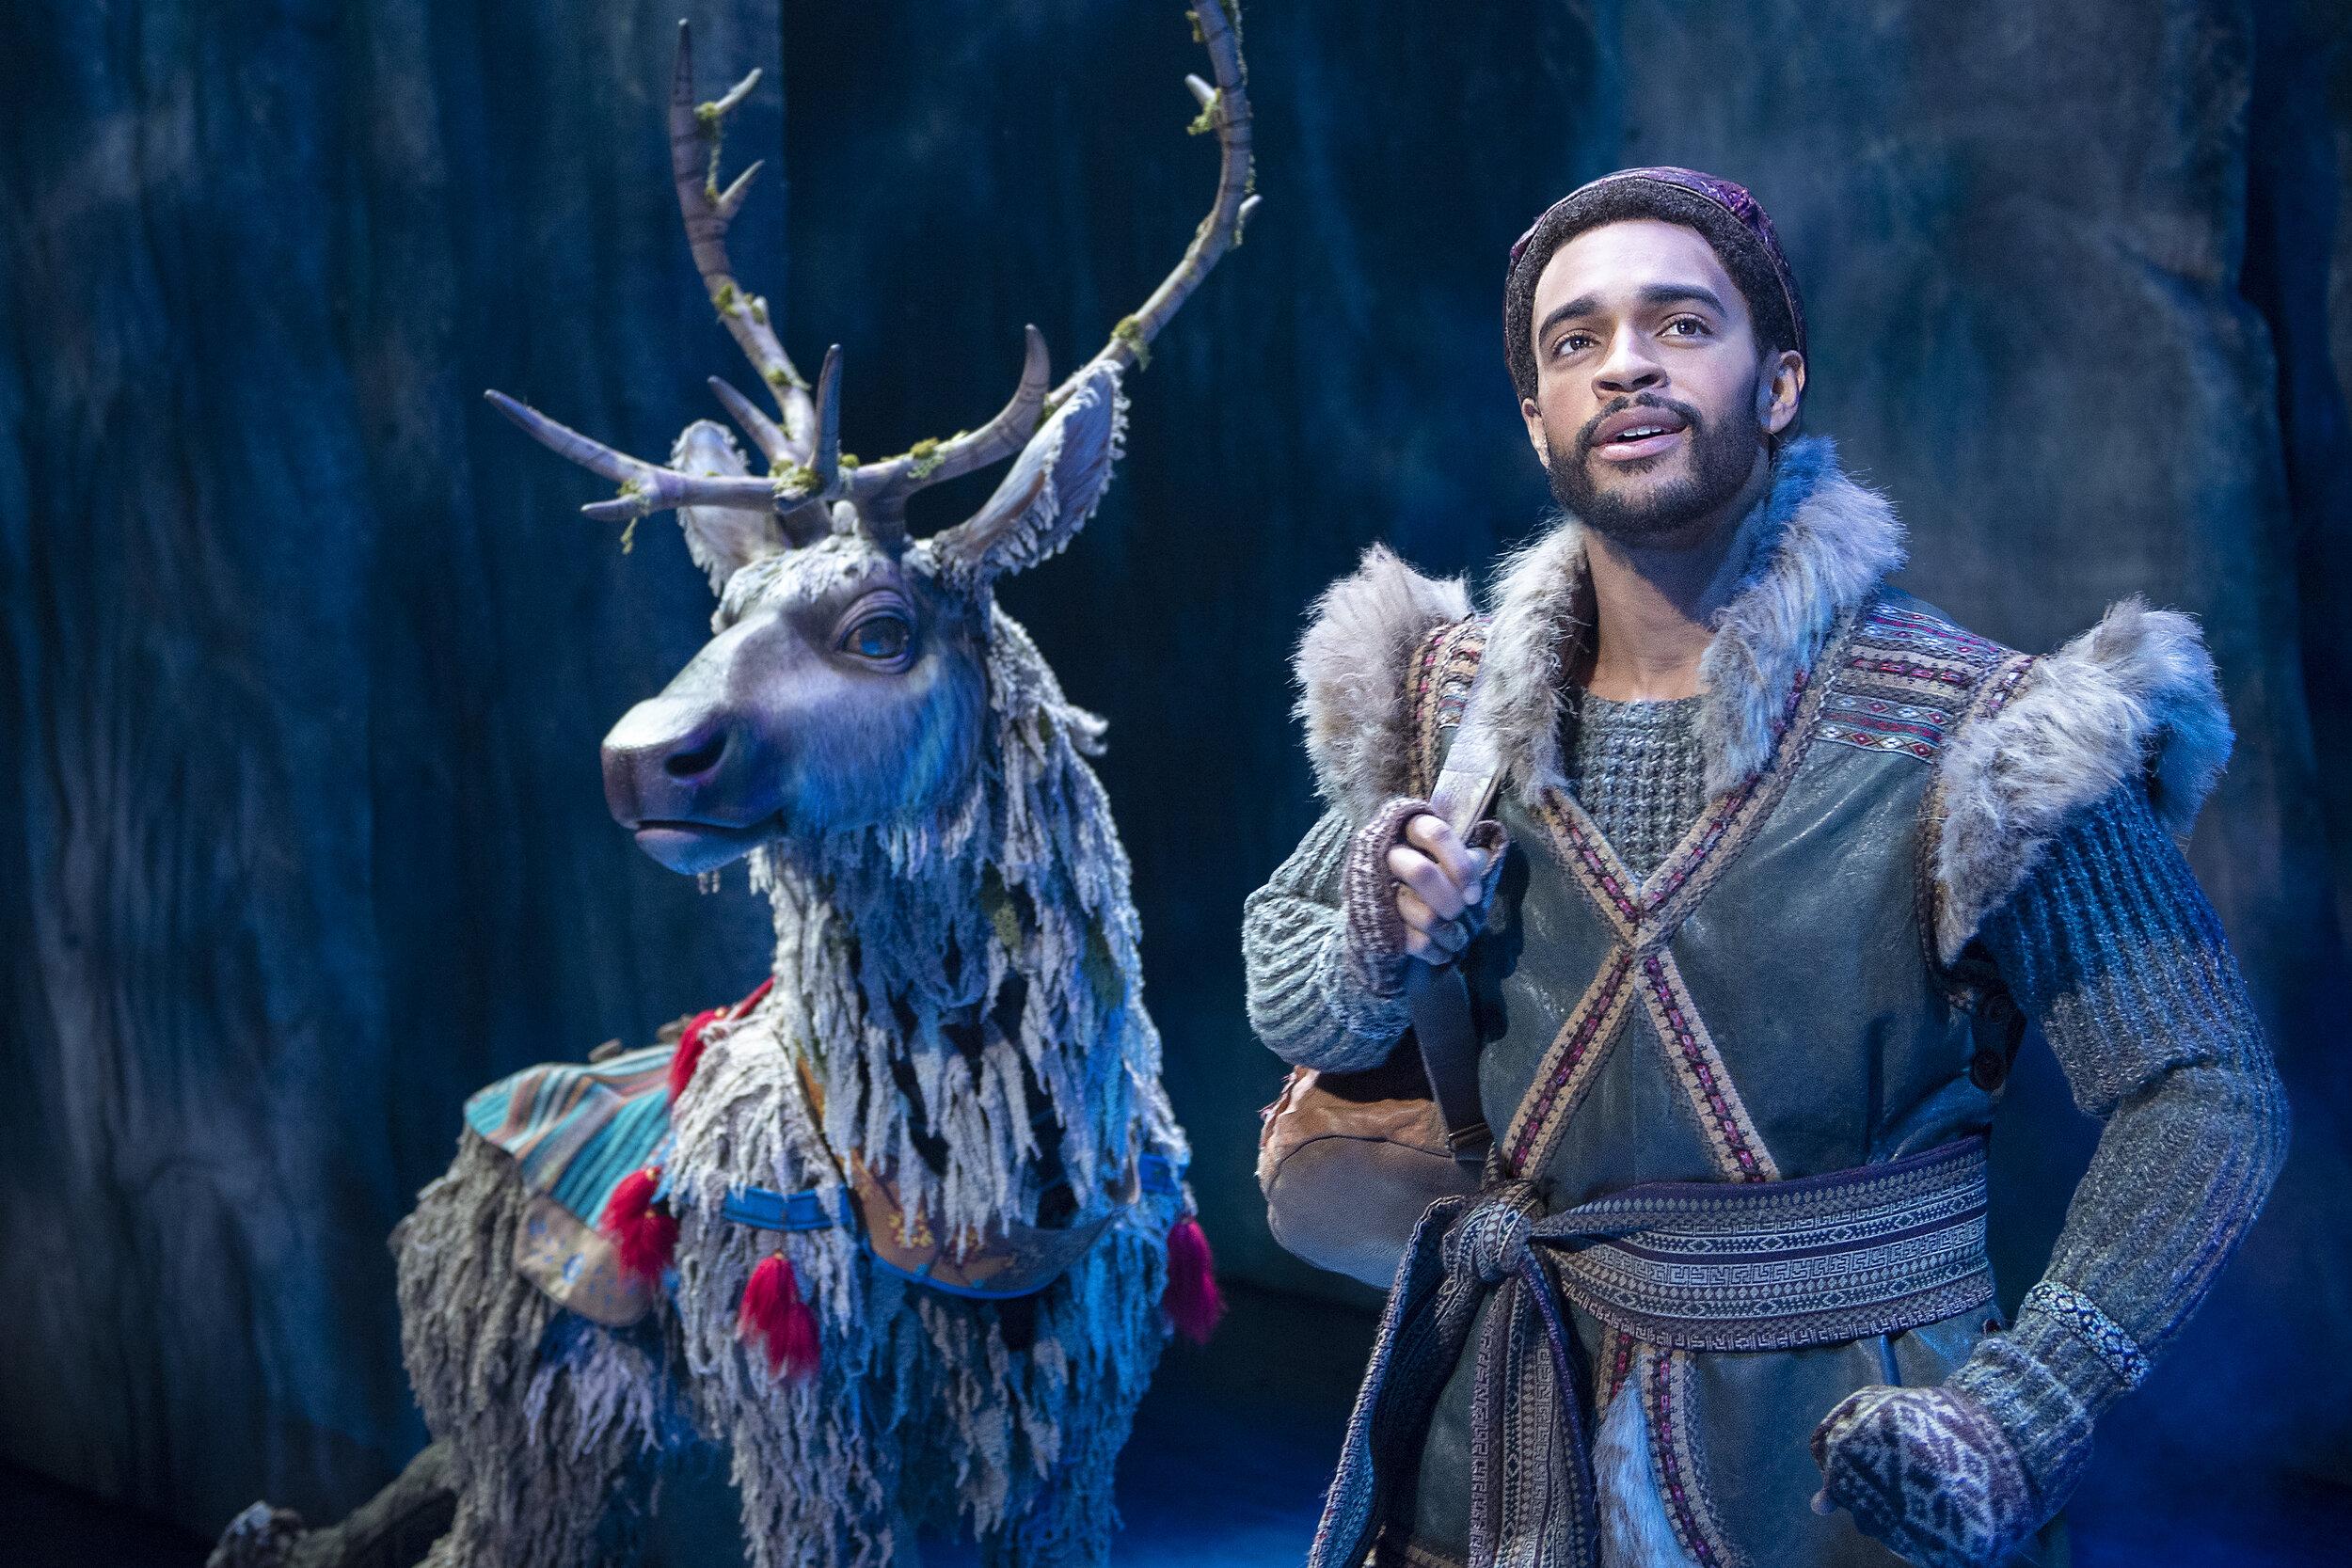 9-Adam Jepsen Sven and Noah J Ricketts Kristoff in Frozen Broadway photo by Deen van Meer.jpg